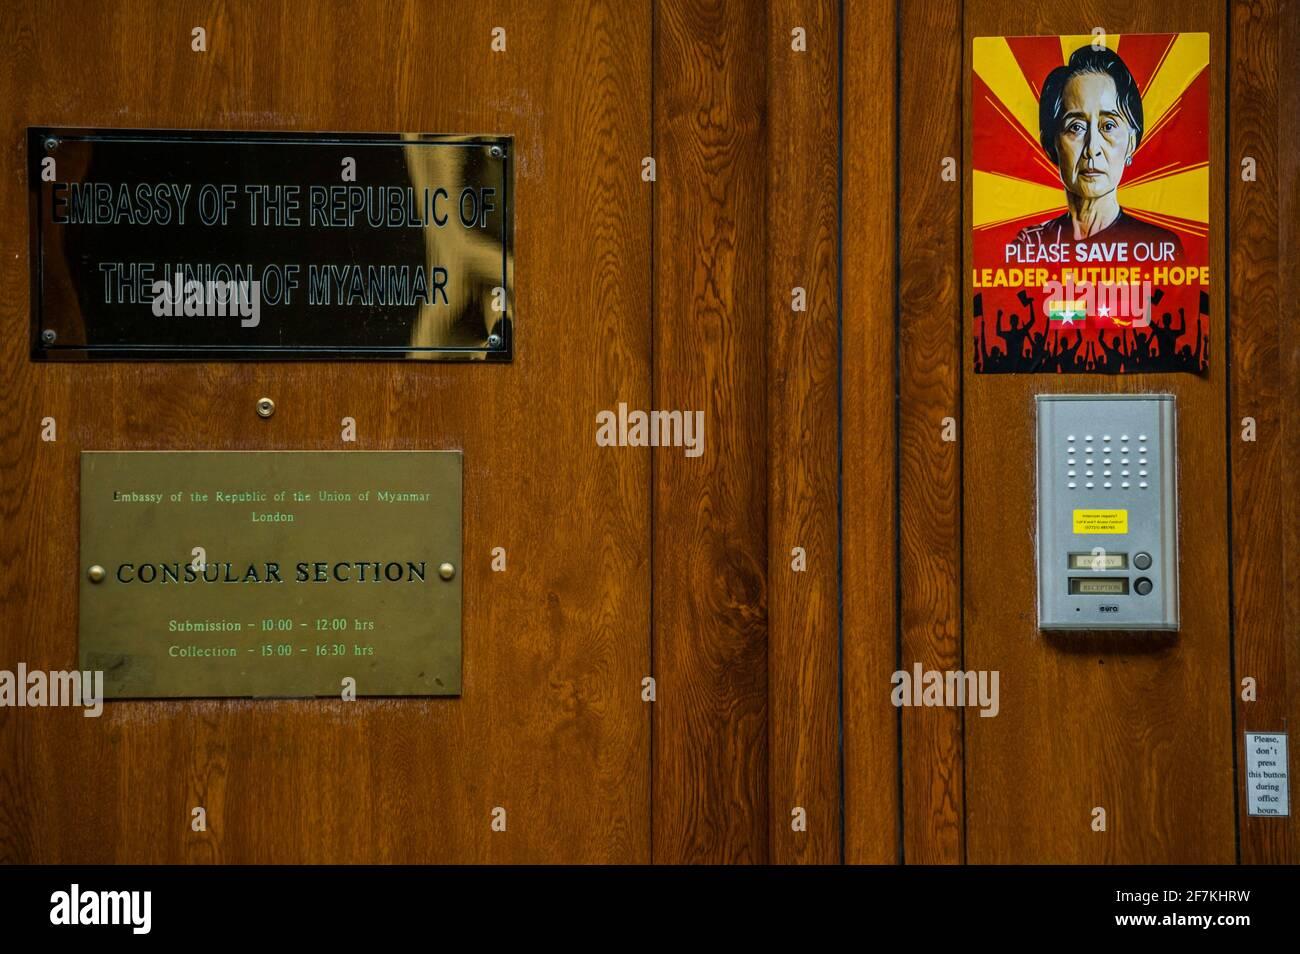 Londres, Royaume-Uni. 8 avril 2021. Les manifestants se sont mis au défi après que l'ambassadeur Kyaw Zwar Minn (qui a rompu les rangs le mois dernier avec la junte militaire de son pays) ait été refusé l'accès à l'ambassade à Mayfair, Londres. Les manifestants exigent également que l'armée birmane/birmane rétablisse le gouvernement démocratique après leur coup d'État et appellent le gouvernement britannique à l'aide. Crédit : Guy Bell/Alay Live News Banque D'Images